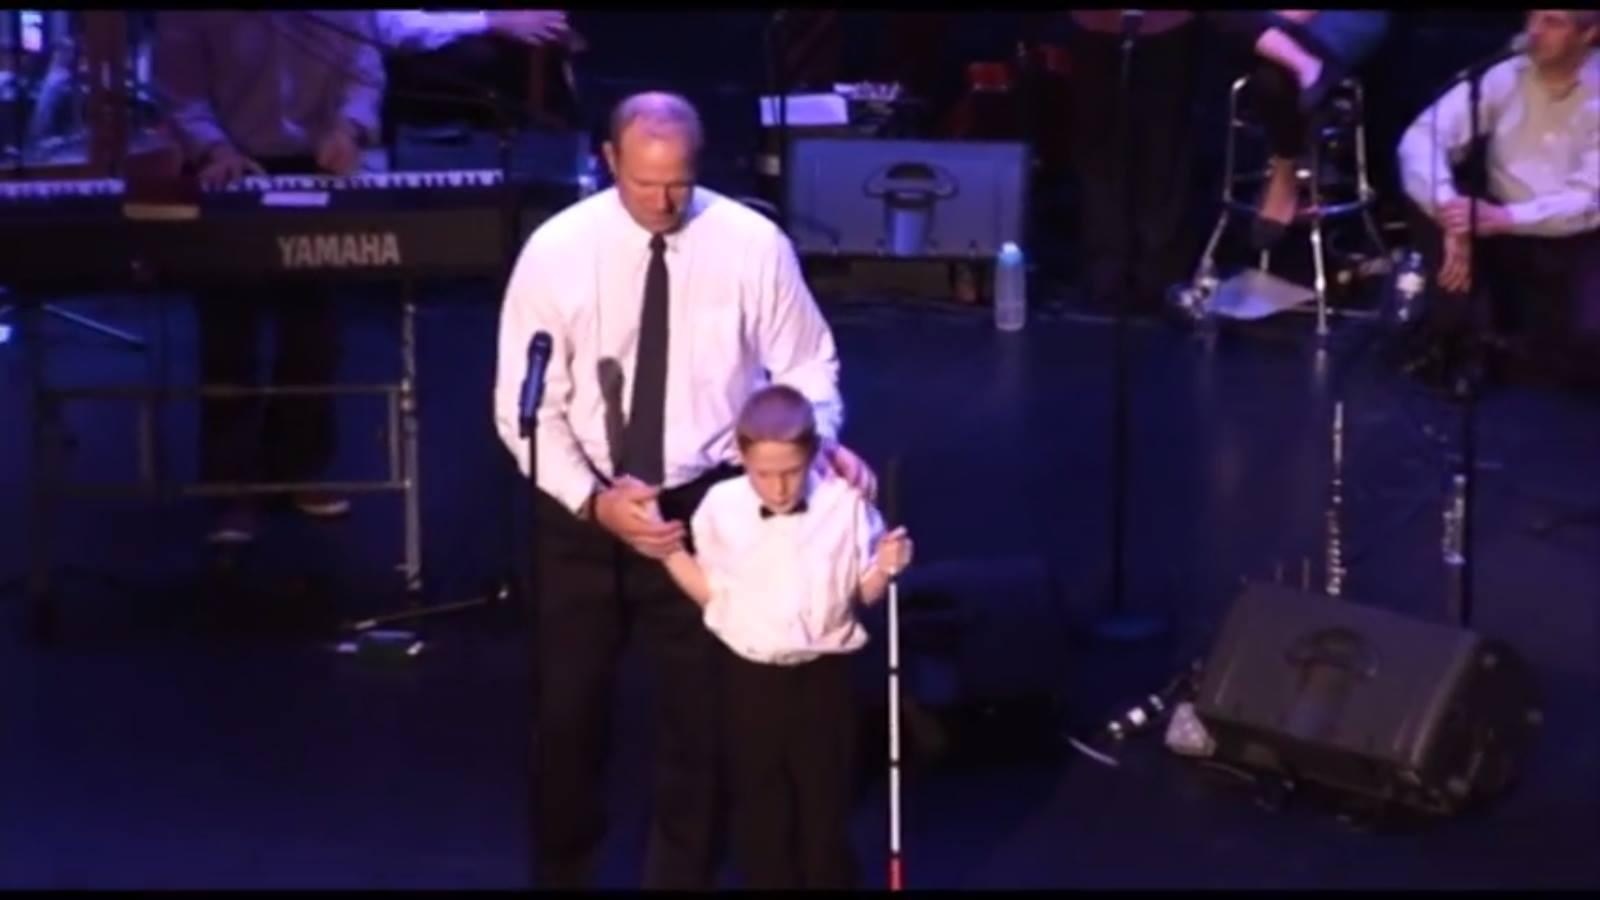 Autistico e cieco dalla nascita, emoziona con il suo canto